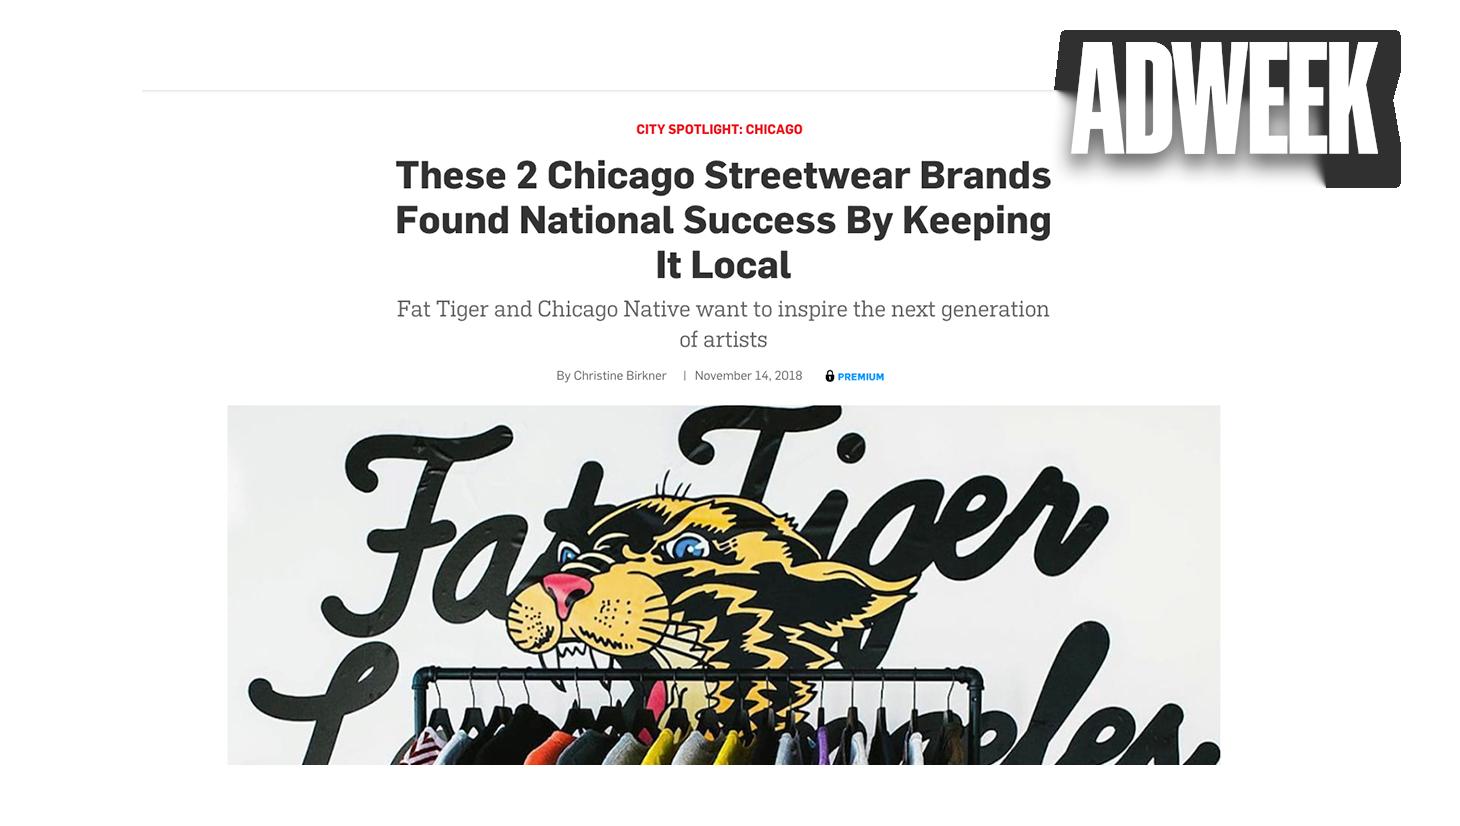 ThumbnailsAdWeek-2-Brands.png